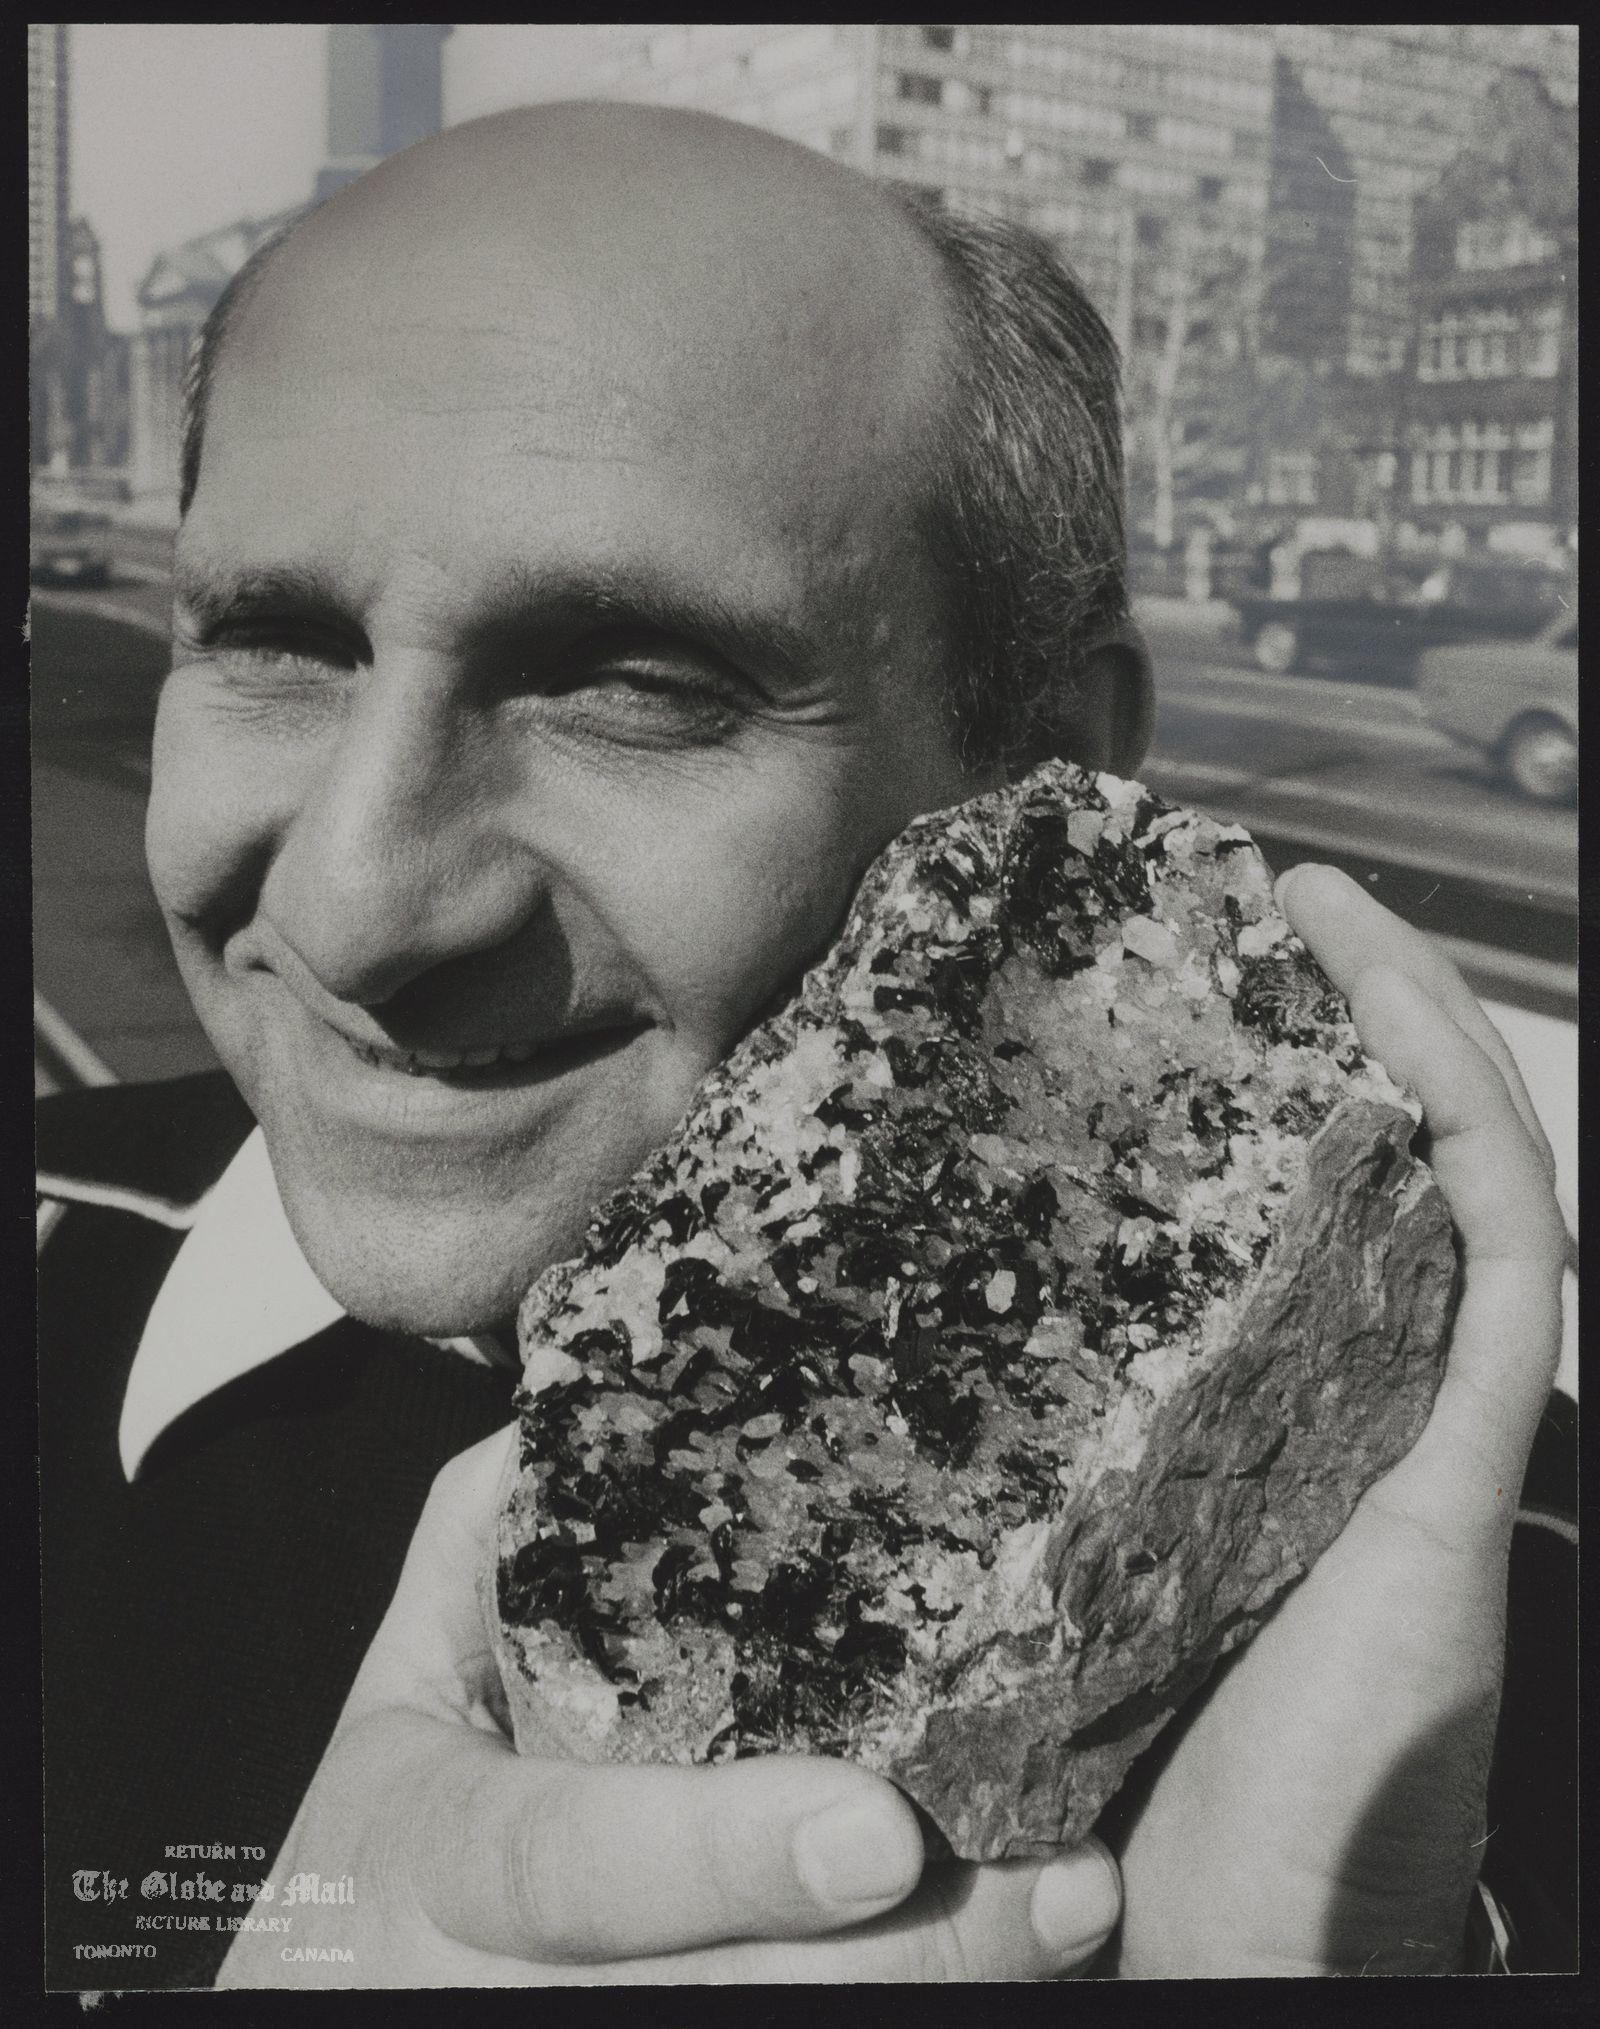 KULANITE B. Darko Sturman holds large piece of Kulanite, one of new minerals found in Yukon.